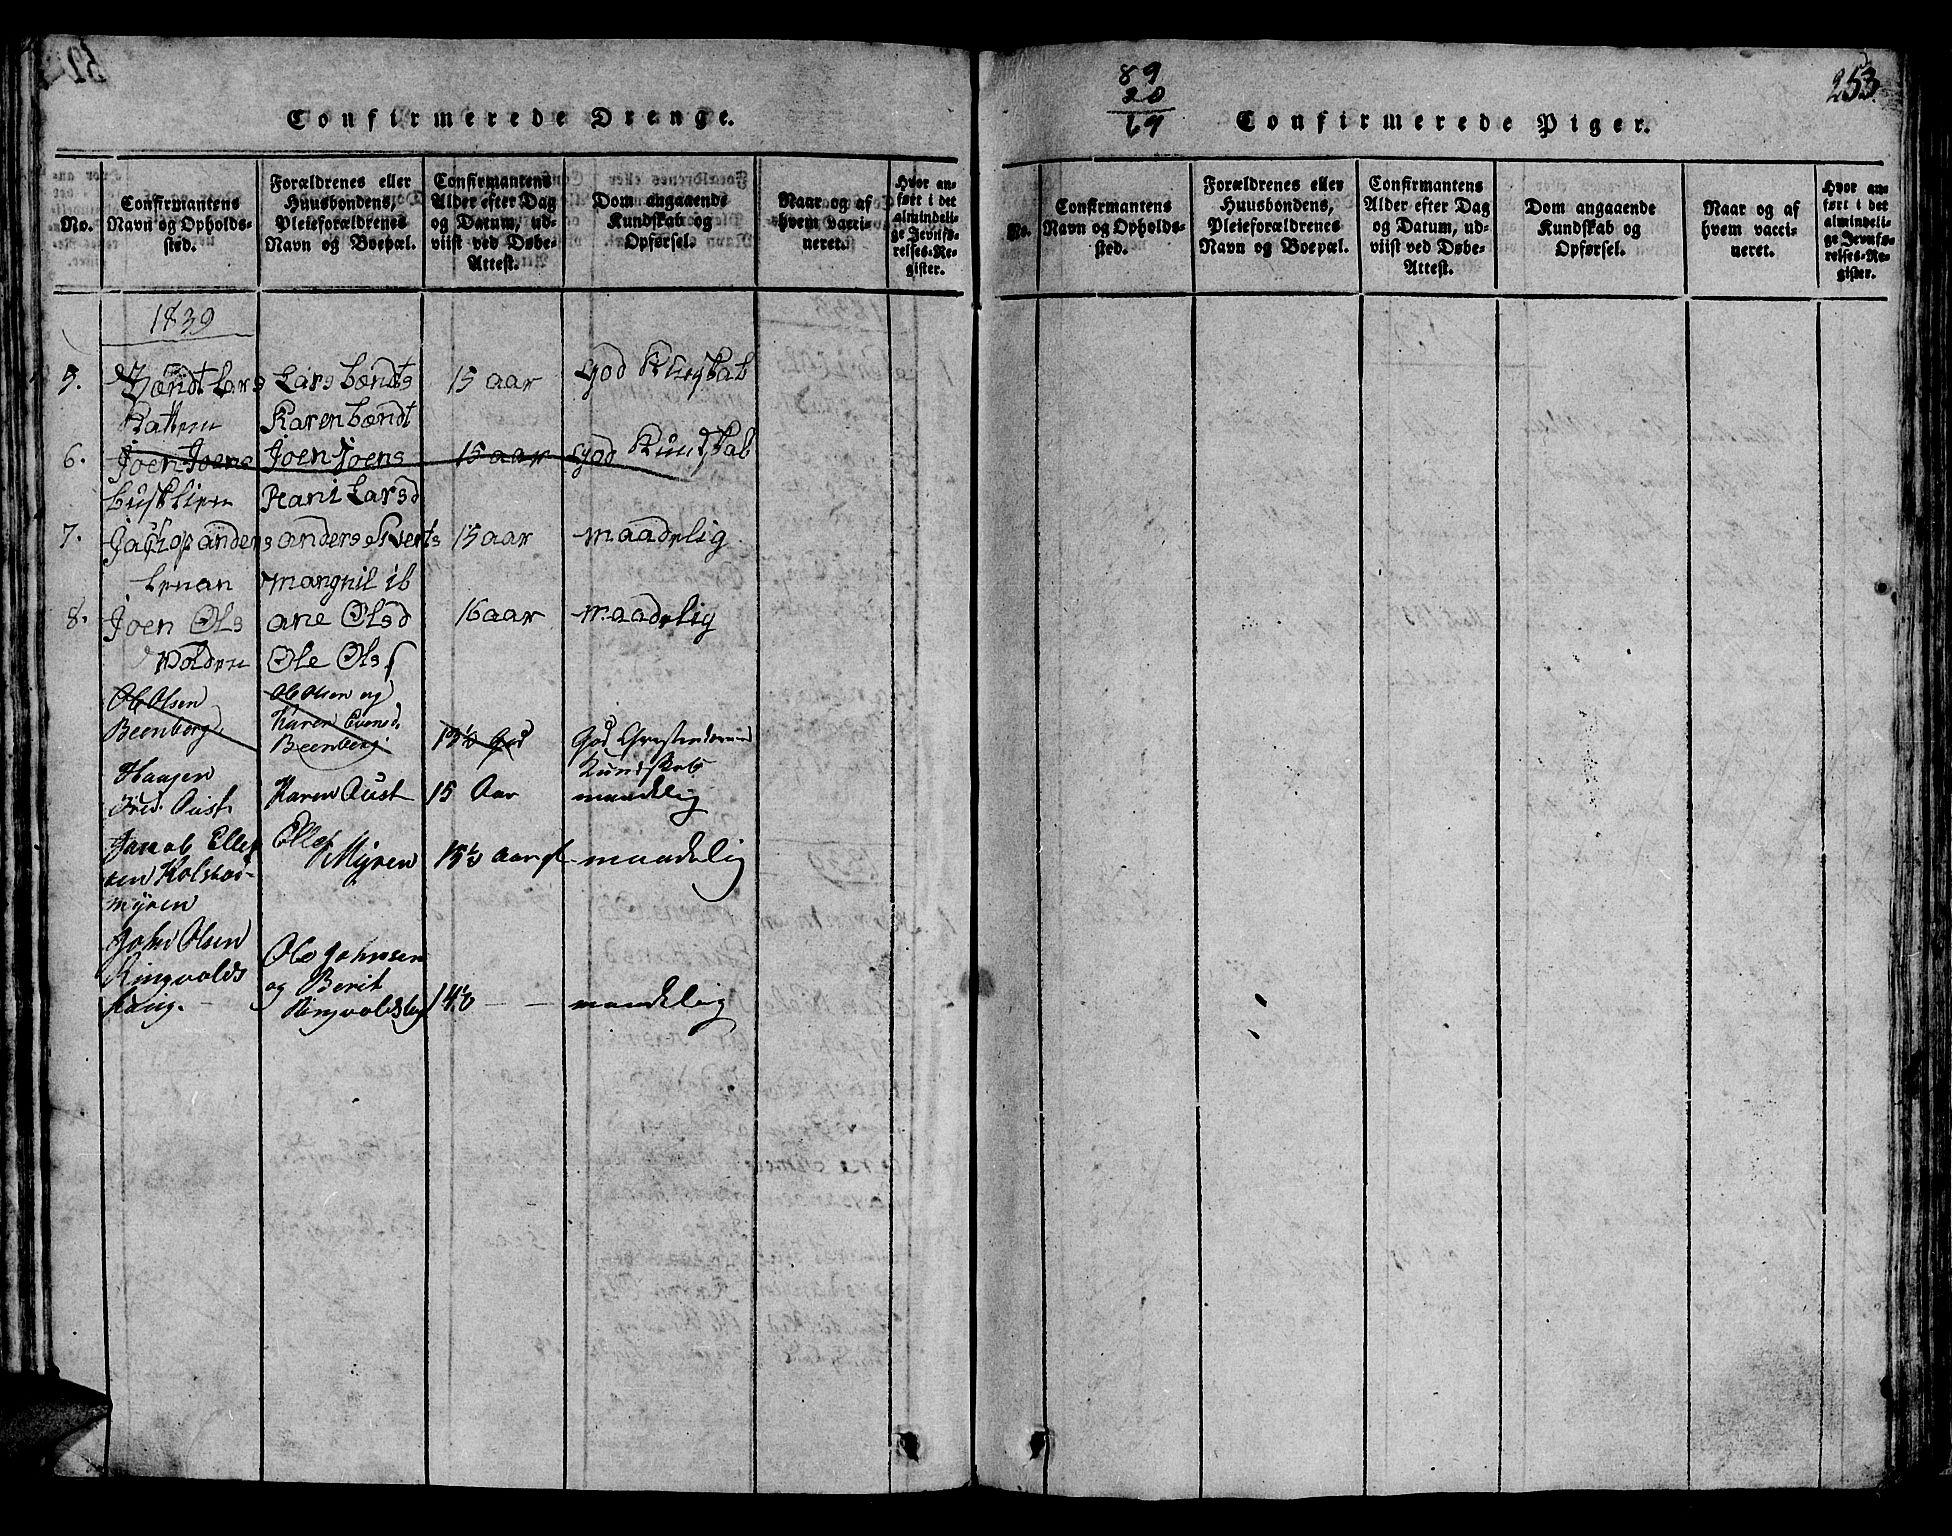 SAT, Ministerialprotokoller, klokkerbøker og fødselsregistre - Sør-Trøndelag, 613/L0393: Klokkerbok nr. 613C01, 1816-1886, s. 253